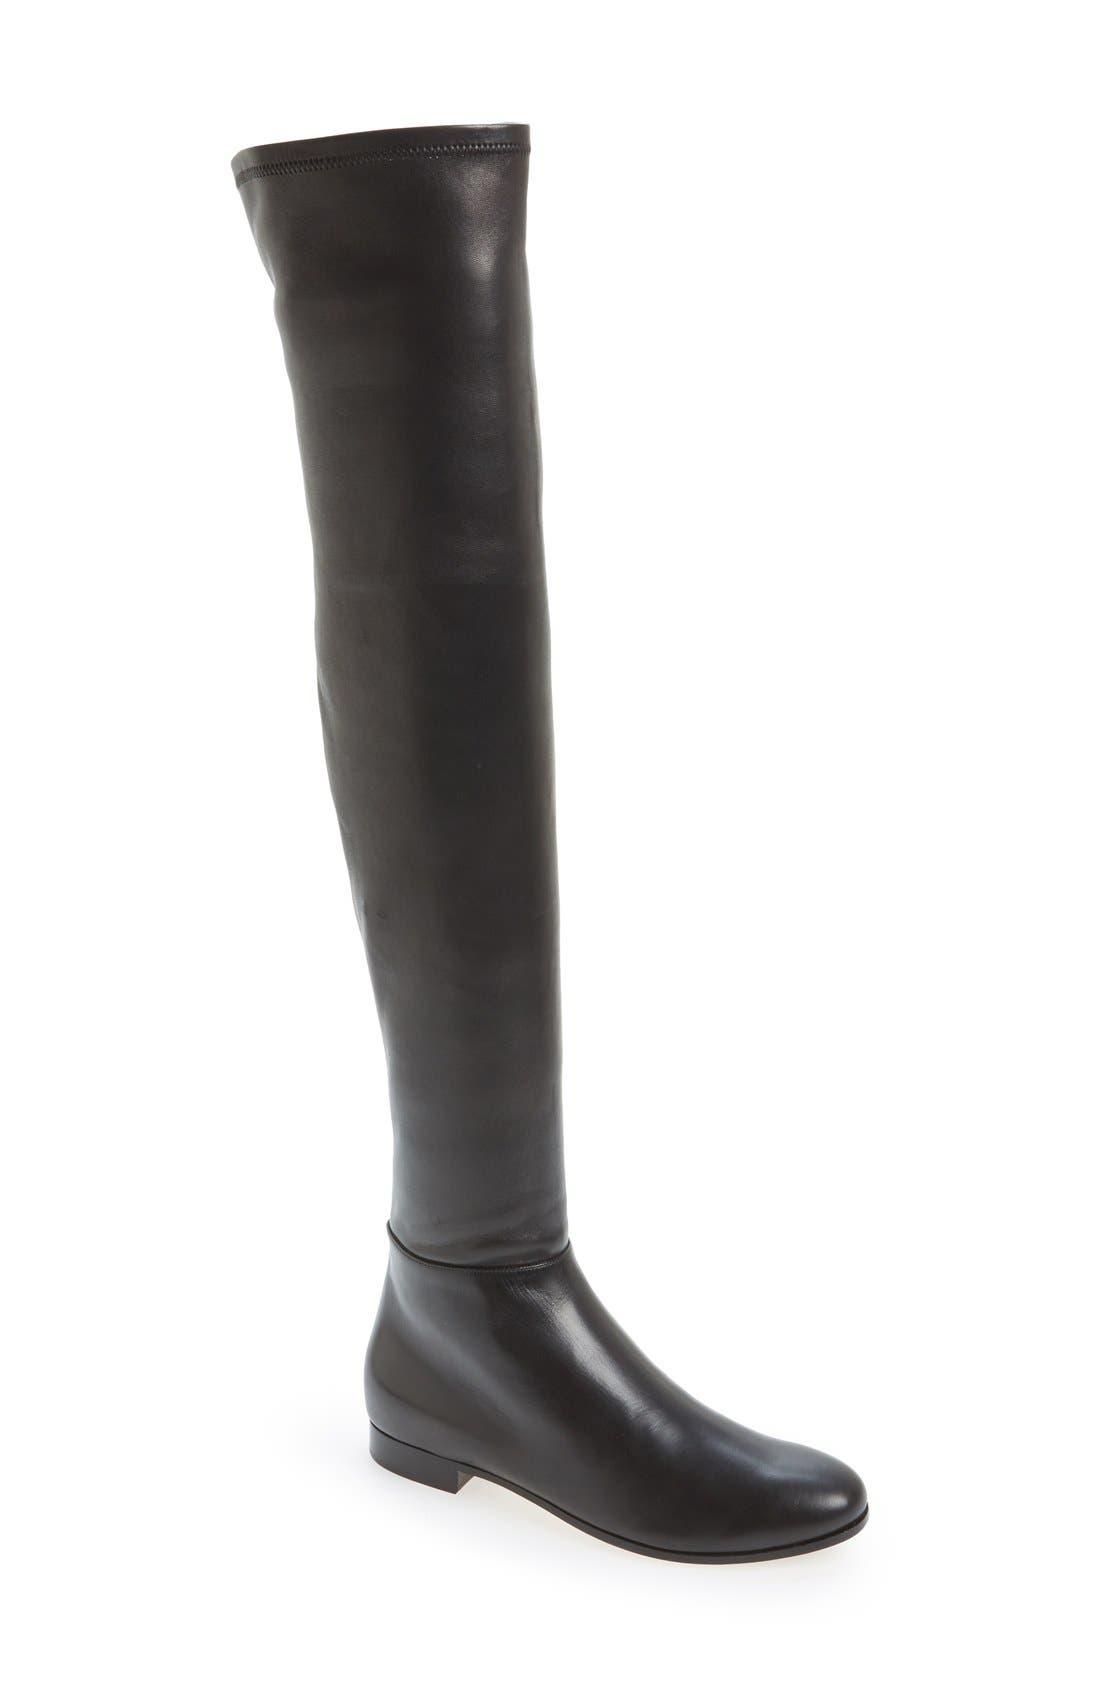 Alternate Image 1 Selected - Jimmy Choo 'Myren' Over the Knee Boot (Women)